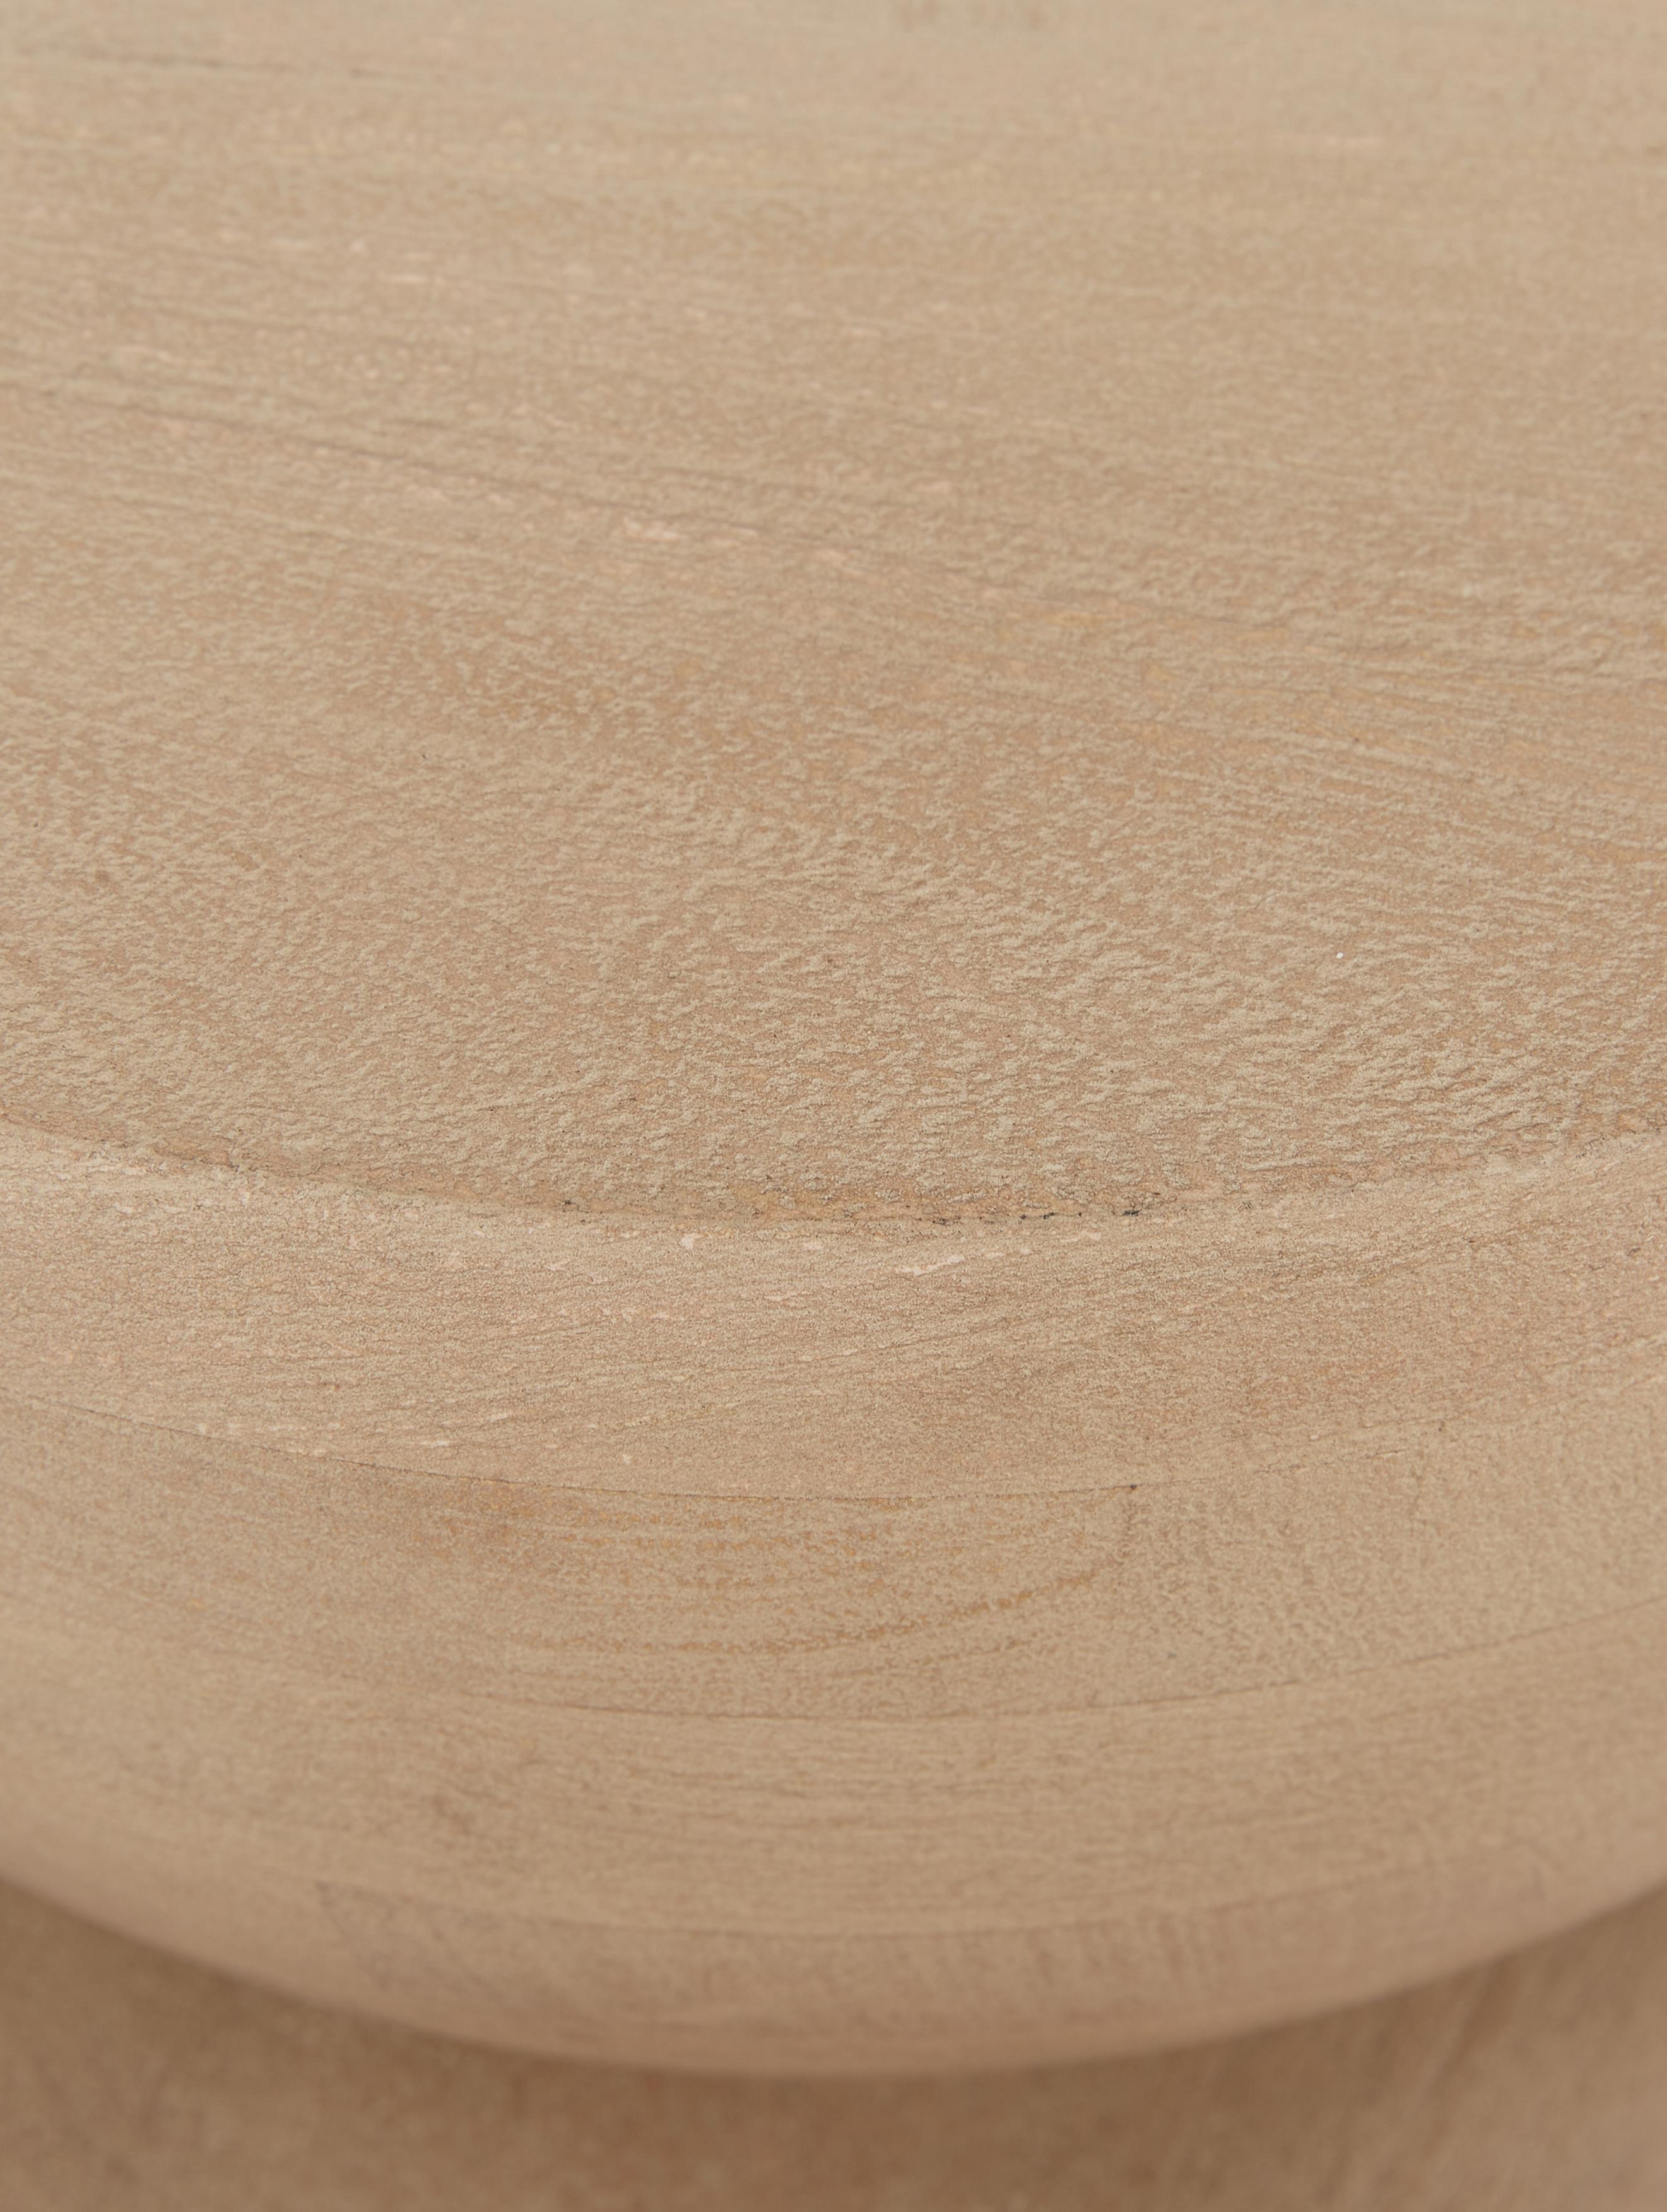 Stolik pomocniczy z drewna mangowego Benno, Lite drewno mangowe, lakierowane, Drewno mangowe, szary, rozmyty, Ø 35 x W 50 cm